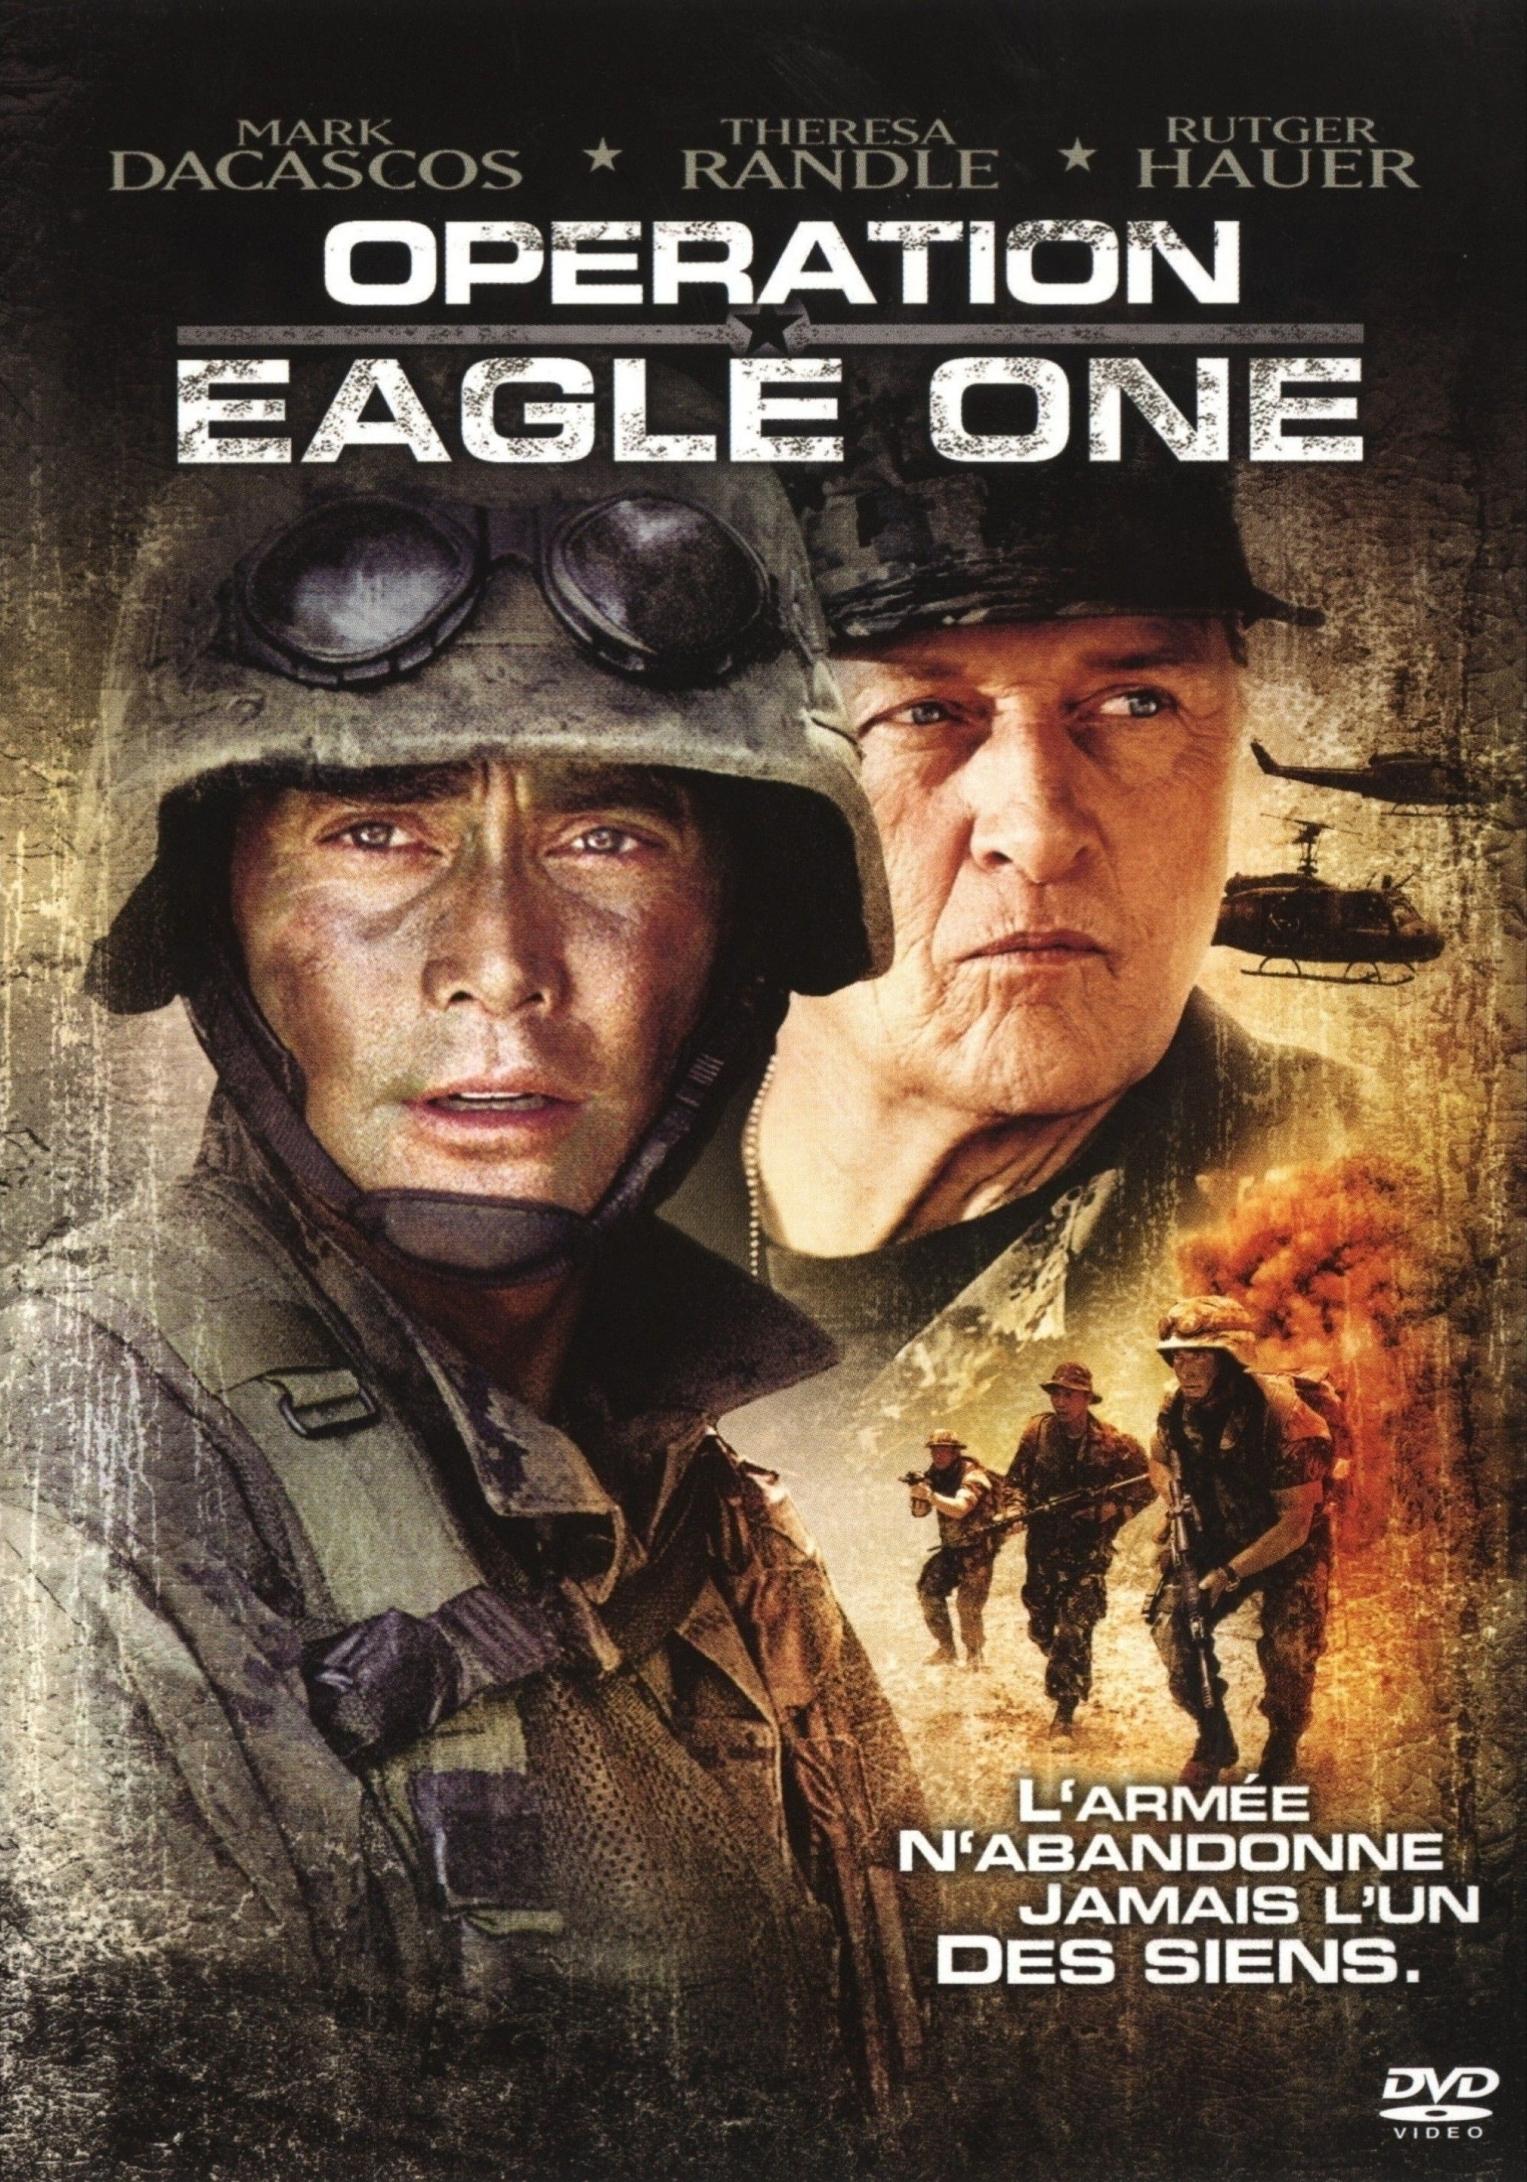 affiche du film Opération Eagle One